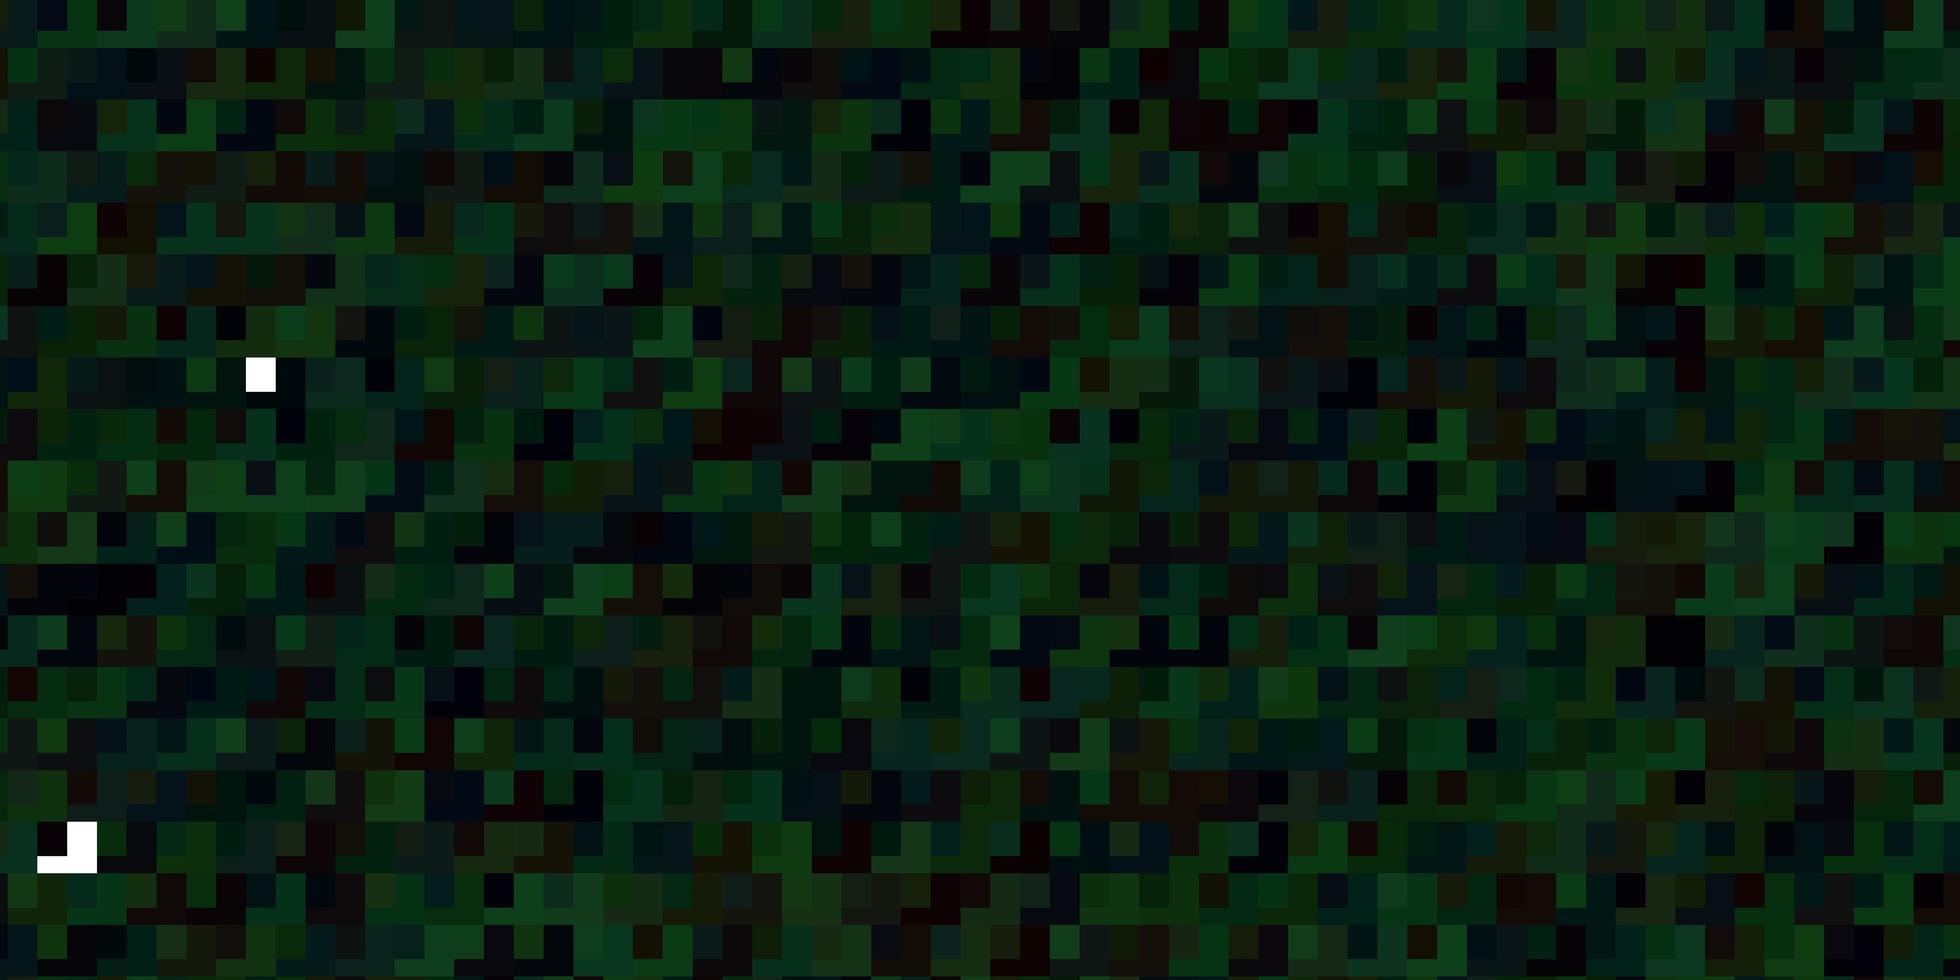 grüner Hintergrund im polygonalen Stil. vektor